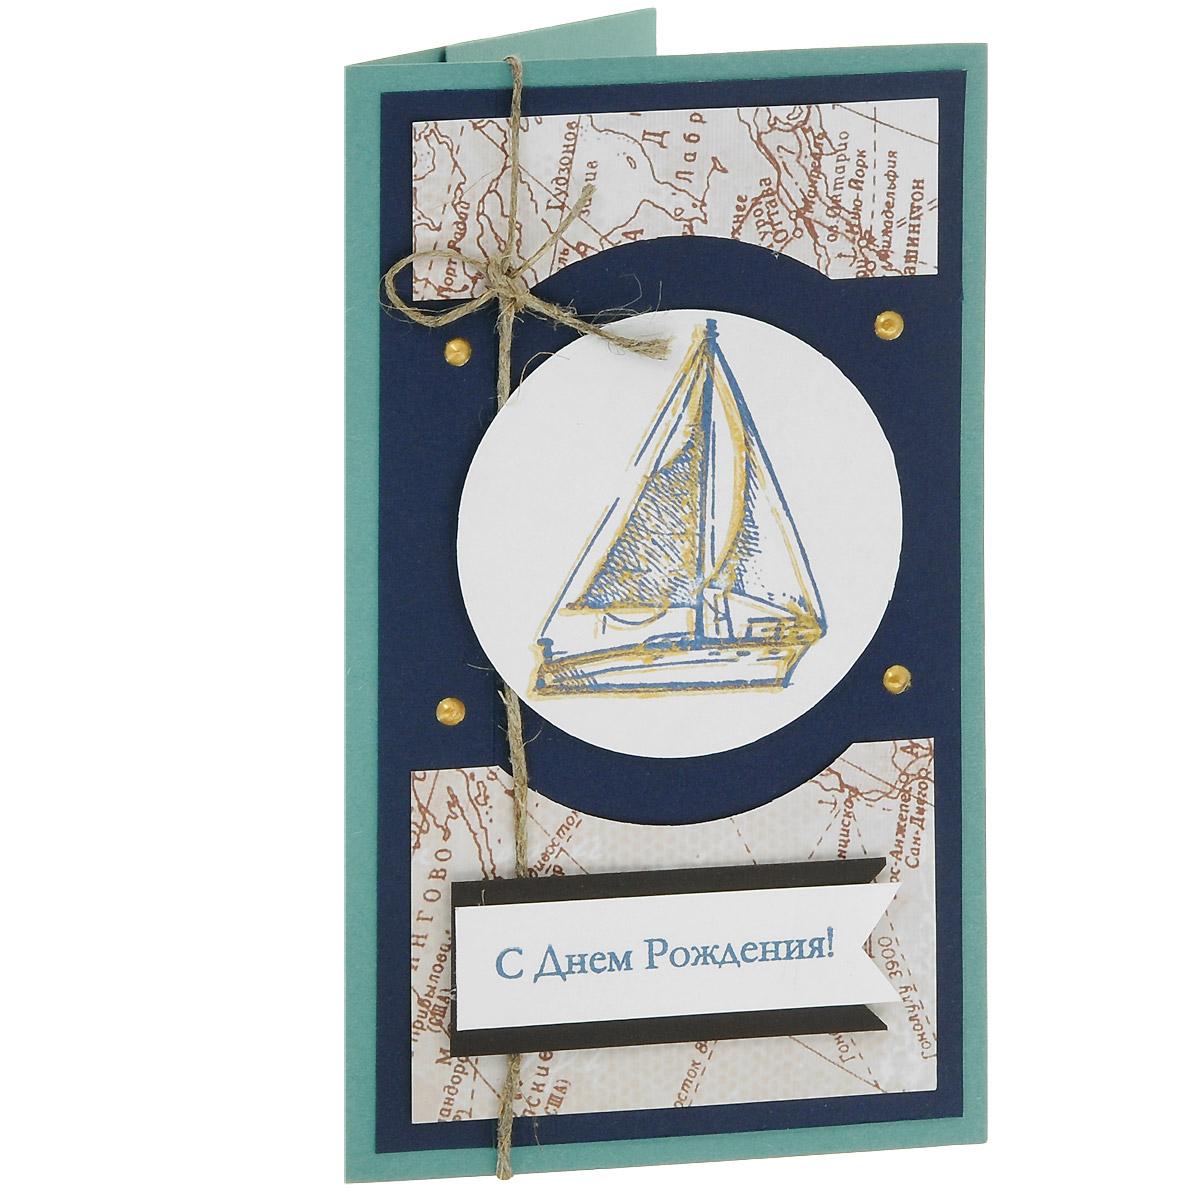 ОМ-0015 Открытка-конверт «С Днём Рождения!» (морские карты, паруса, канаты). Студия «Тётя Роза»94994Характеристики: Размер 19 см x 11 см.Материал: Высоко-художественный картон, бумага, декор.Данная открытка может стать как прекрасным дополнением к вашему подарку, так и самостоятельным подарком. Так как открытка является и конвертом, в который вы можете вложить ваш денежный подарок или просто написать ваши пожелания на вкладыше.Морские карты, паруса и канаты – вот настоящая мужская тема! Небольшое количество декоративных элементов в оформлении подчеркивают сдержанность и выразительность!Также открытка упакована в пакетик для сохранности. Обращаем Ваше внимание на то, что открытка может незначительно отличаться от представленной на фото. Открытки ручной работы от студии Тётя Роза отличаются своим неповторимым и ярким стилем. Каждая уникальна и выполнена вручную мастерами студии. (Открытка для мужчин, открытка для женщины, открытка на день рождения, открытка с днем свадьбы, открытка винтаж, открытка с юбилеем, открытка на все случаи, скрапбукинг)